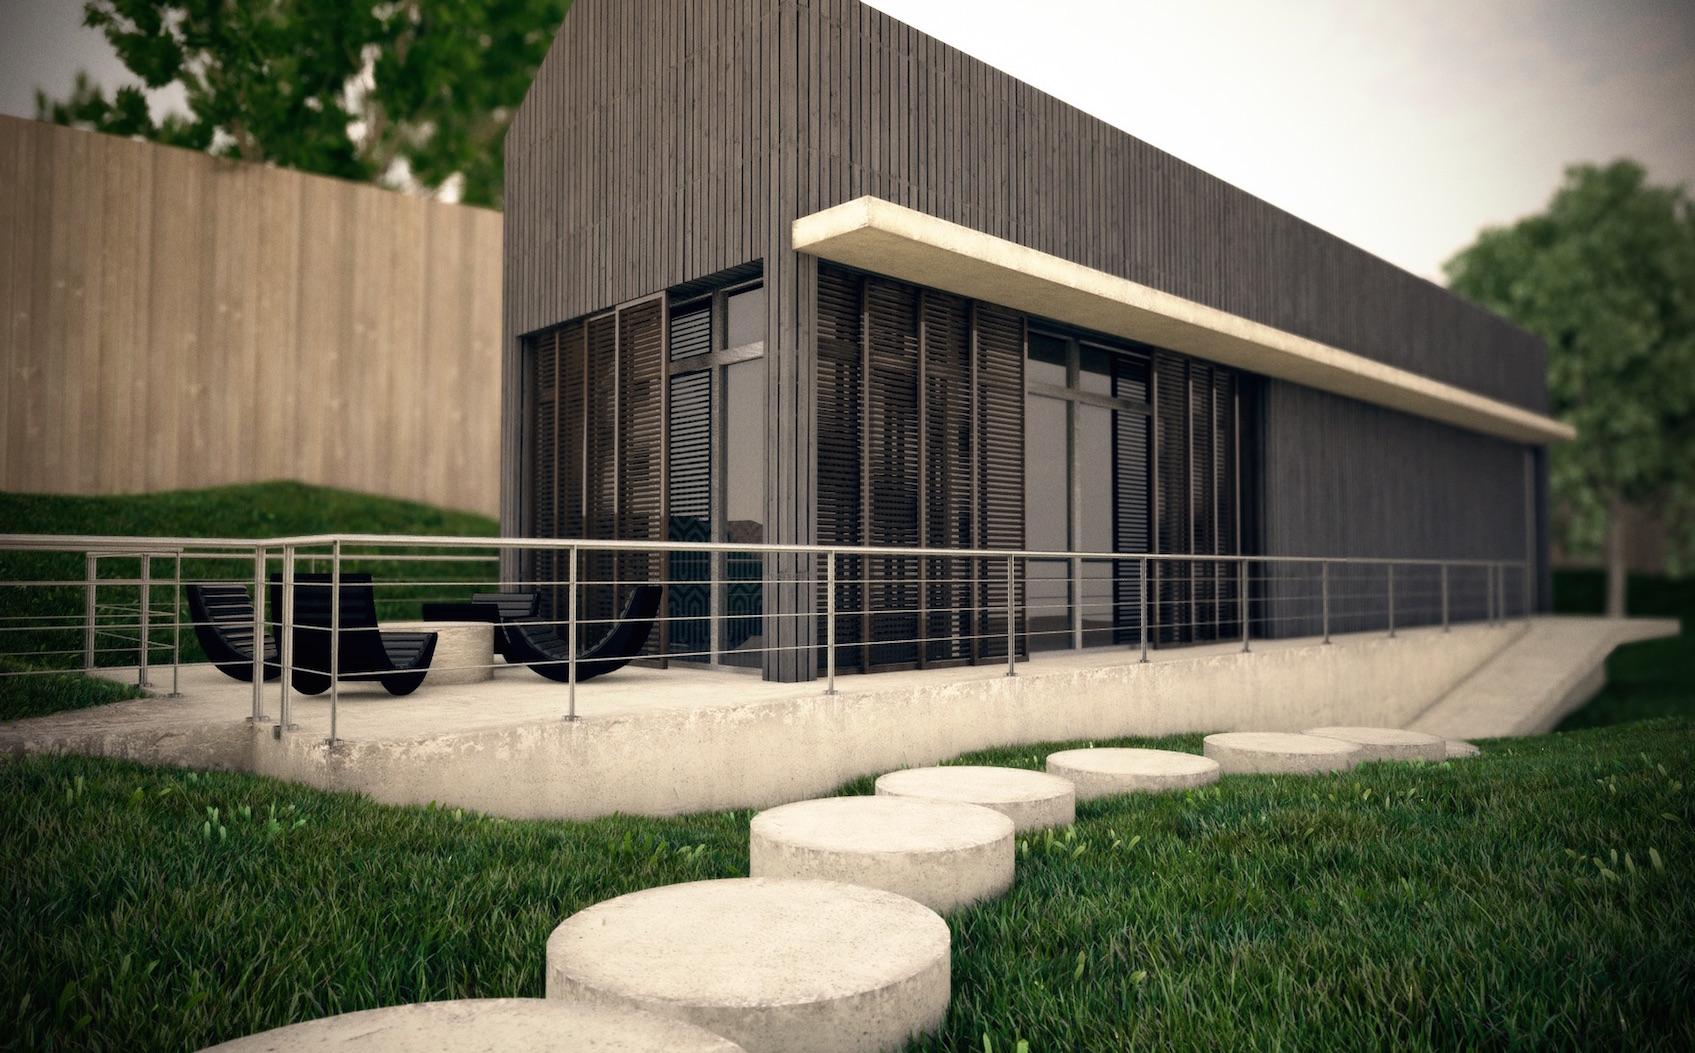 3D - Cinema 4D - Resultado arquitectónico 2